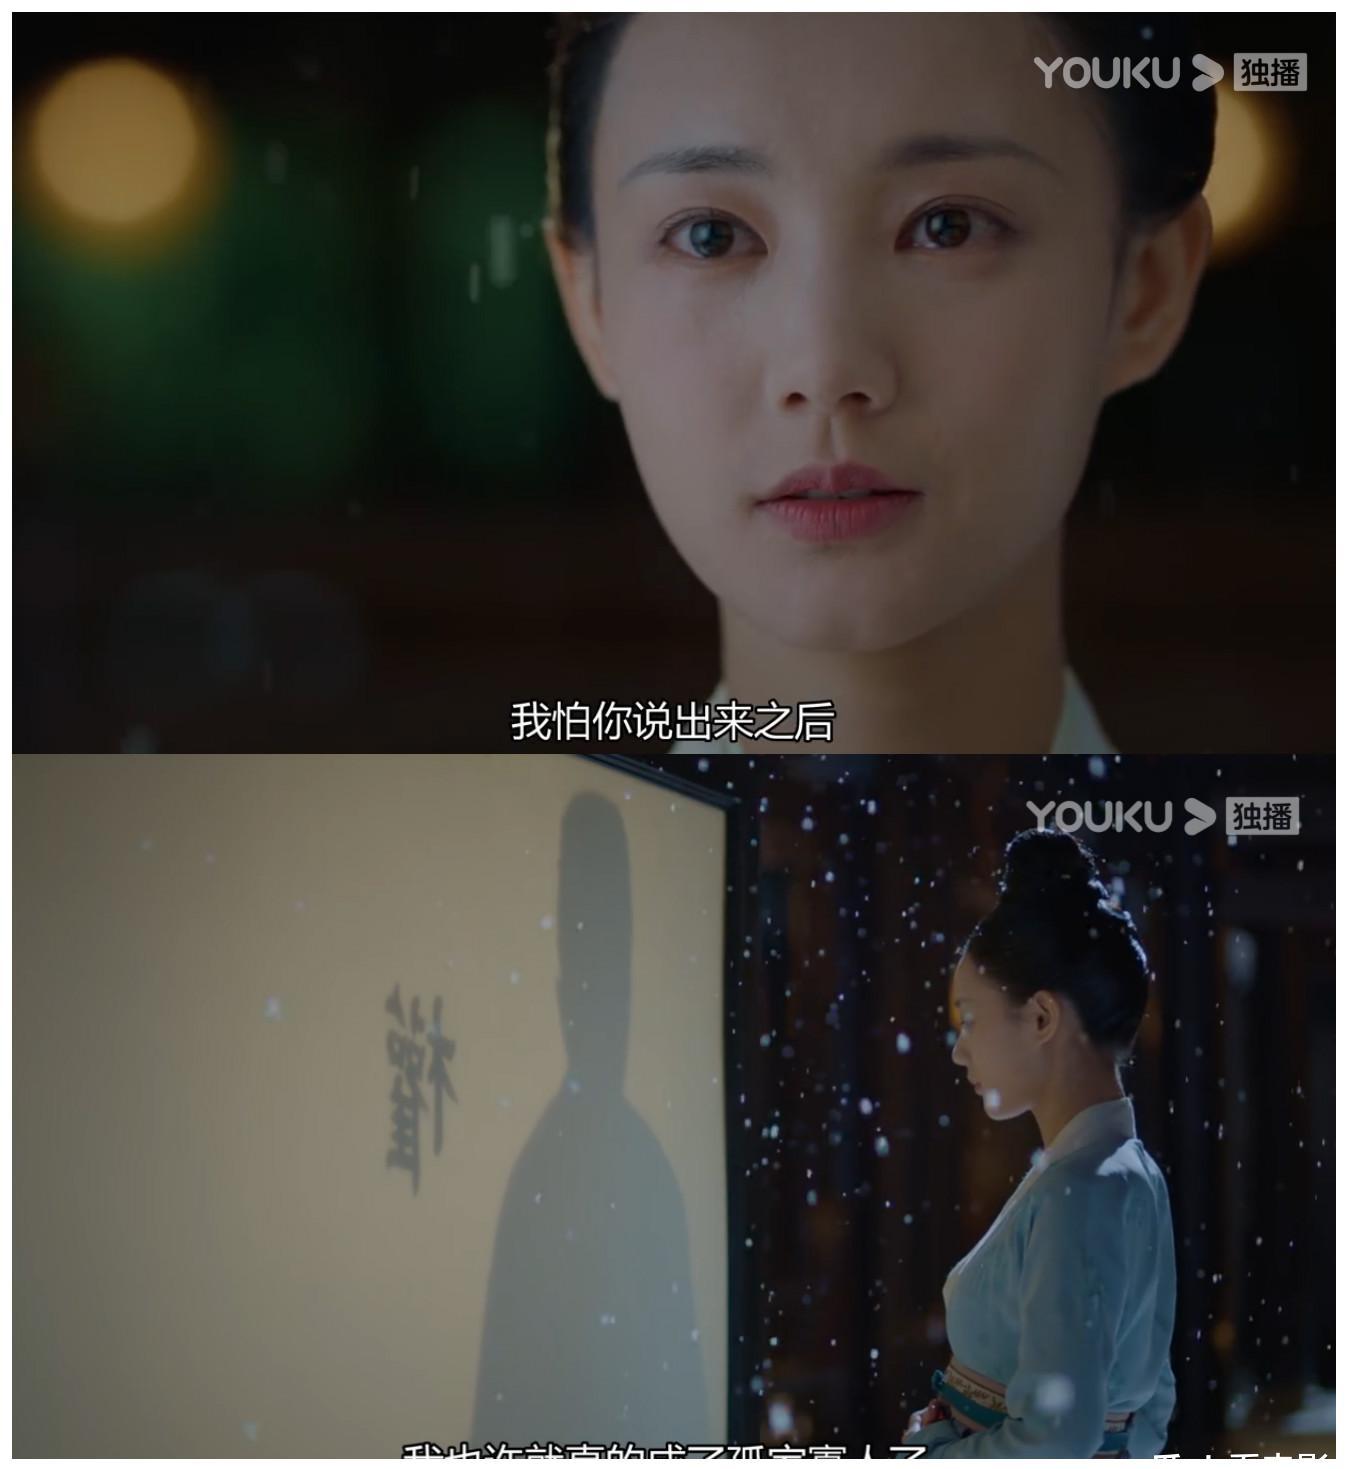 《鹤唳华亭》陆文昔和太子的和解不该如此简单?陆文昔已经历成长